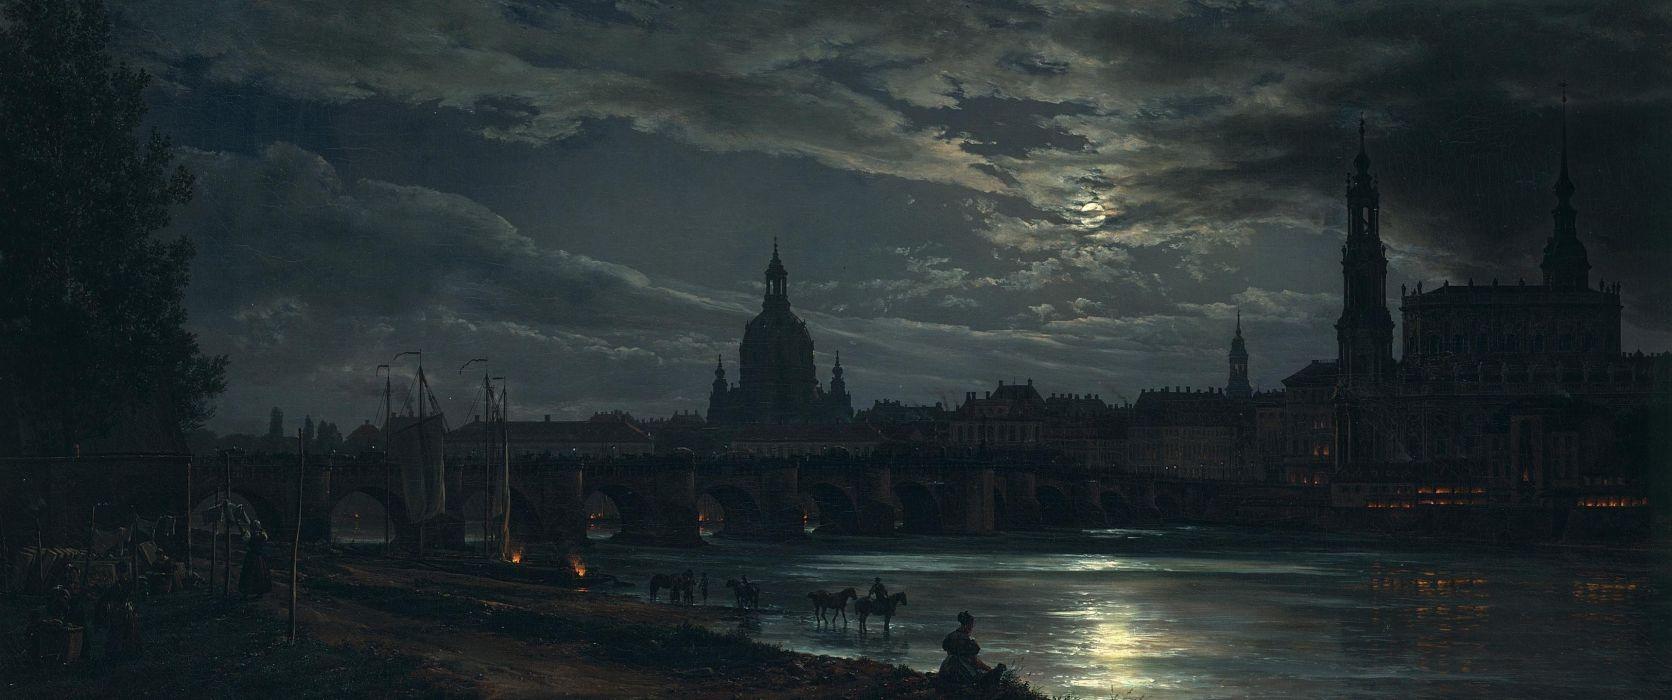 ultrawide classic art Dresden wallpaper